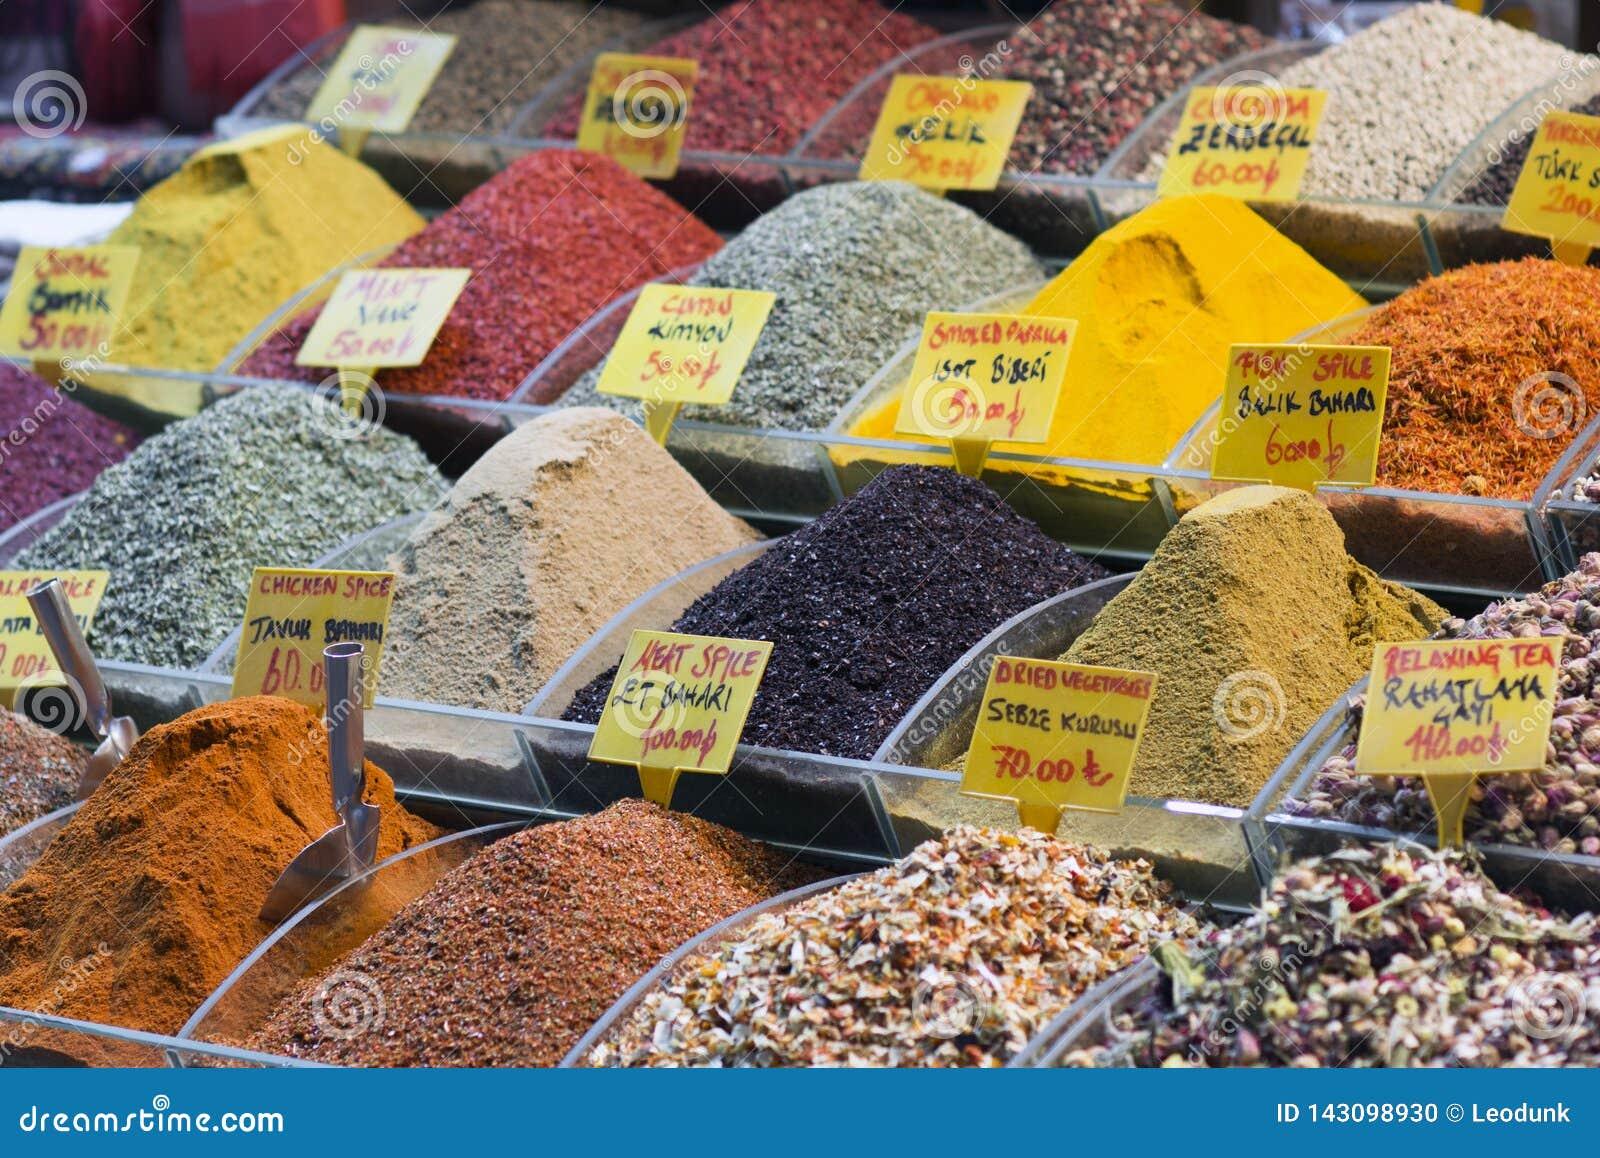 一些土耳其香料在盛大香料义卖市场 五颜六色的香料在销售商店在伊斯坦布尔上,土耳其香料市场